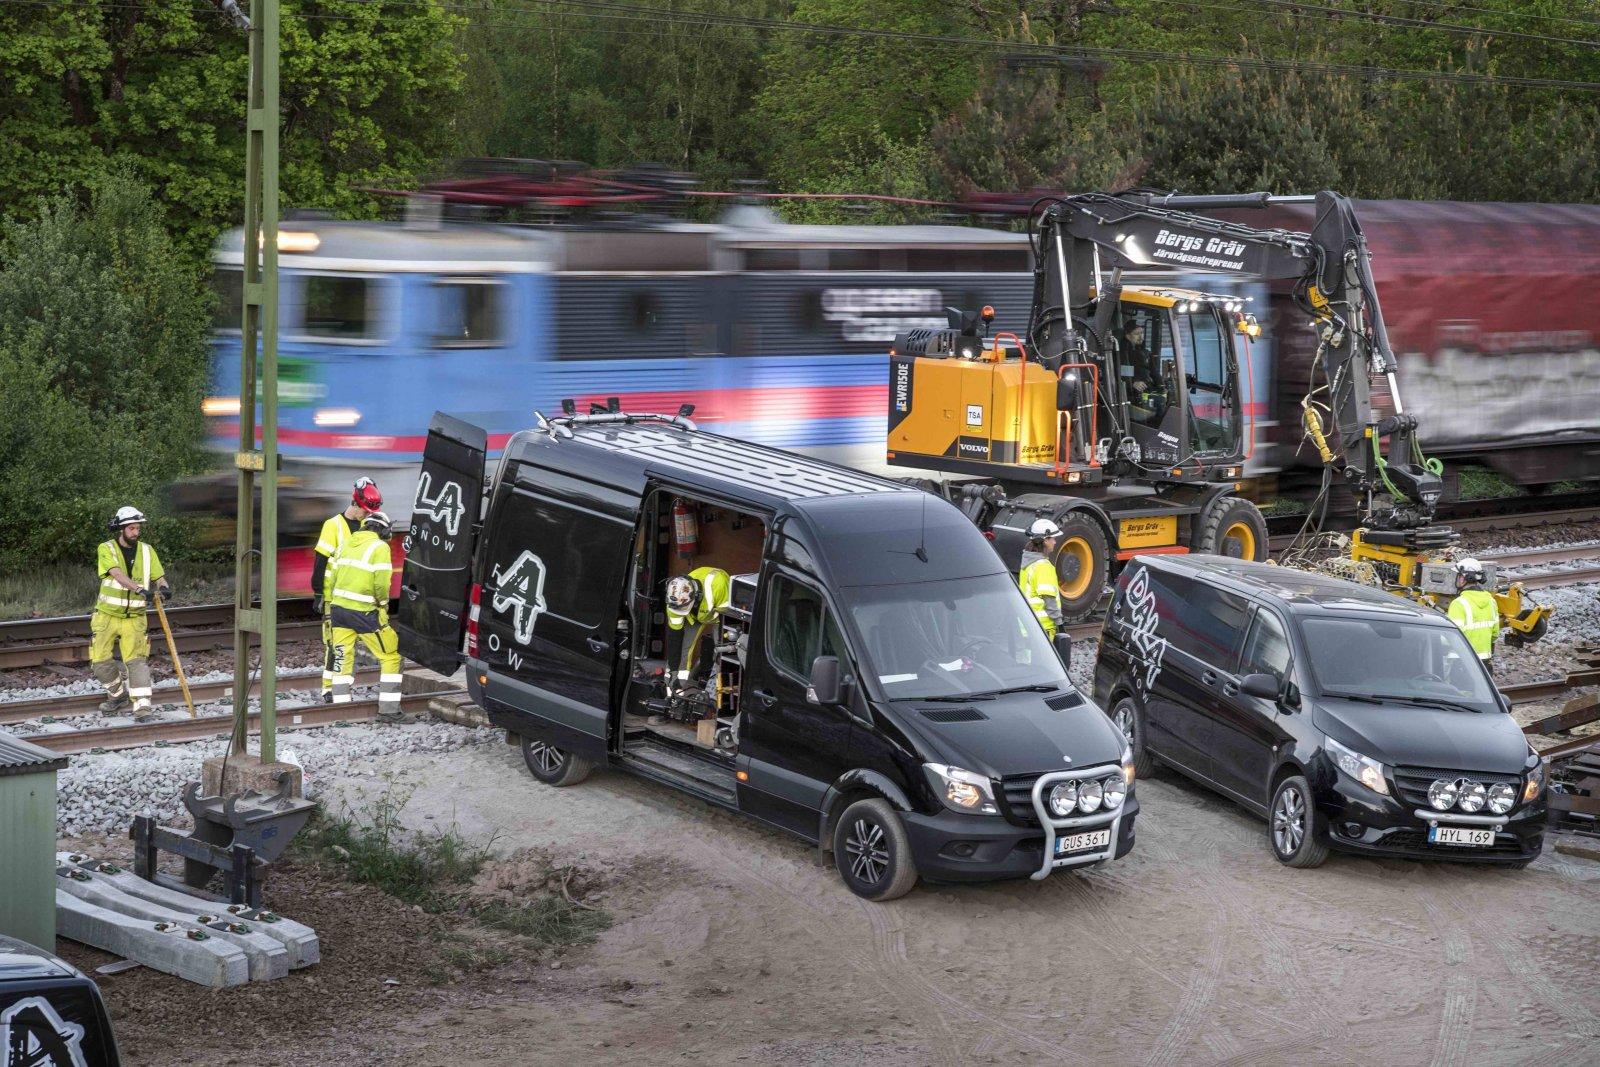 Närheten till järnvägsspåren är farlig och det gäller att säkra arbetsplatsen. Här spårbyte utanför Växjö. Foto: Stefan Nilsson